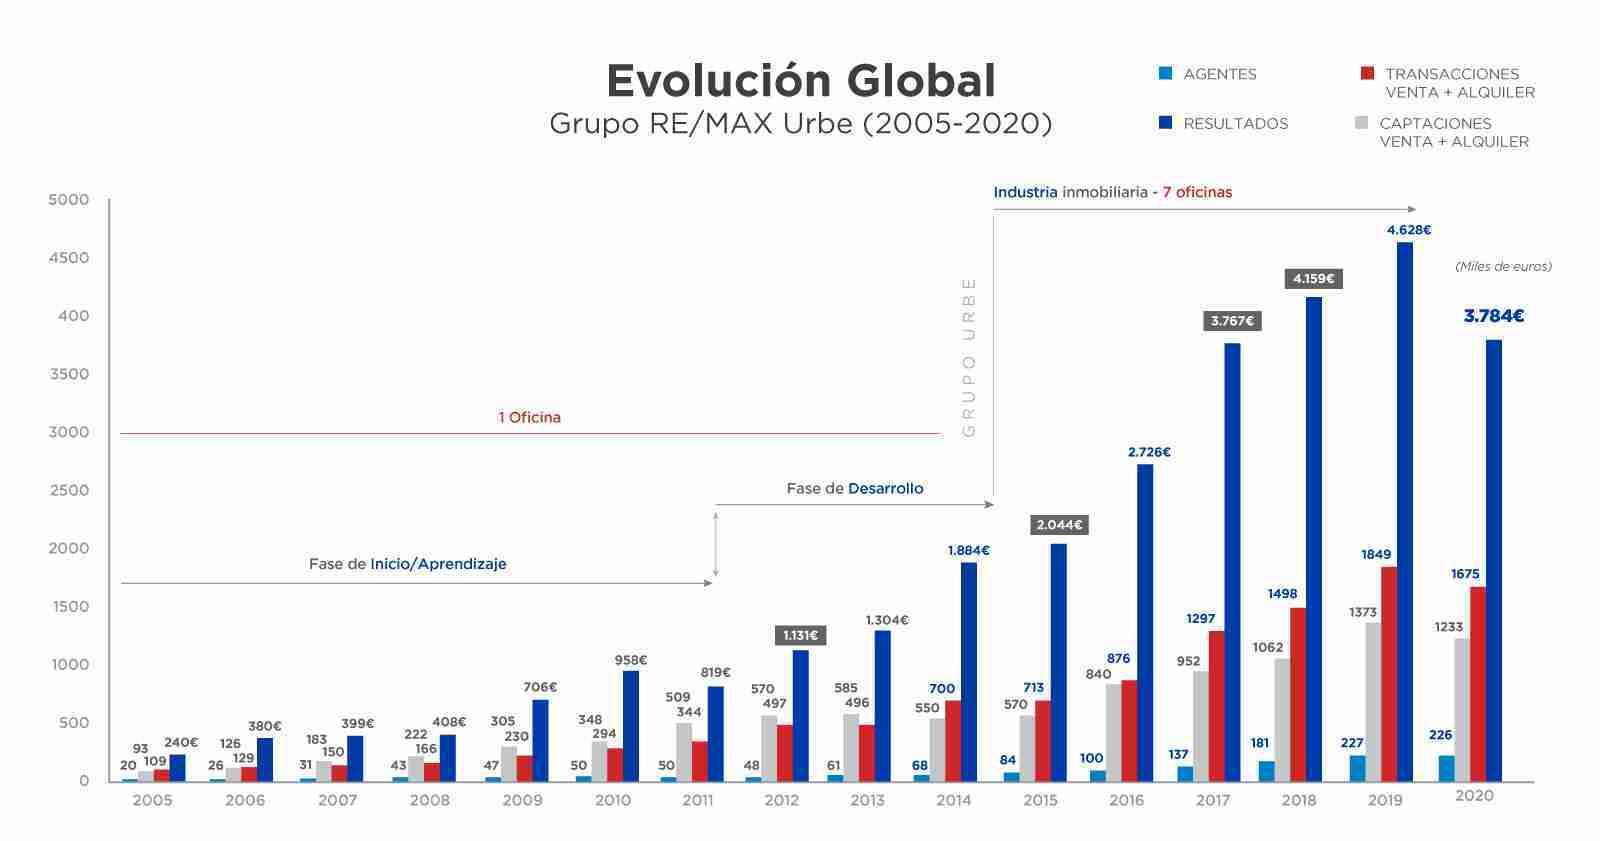 evolucion-global-2020-articulo-caso-de-exito-remax-urbe-